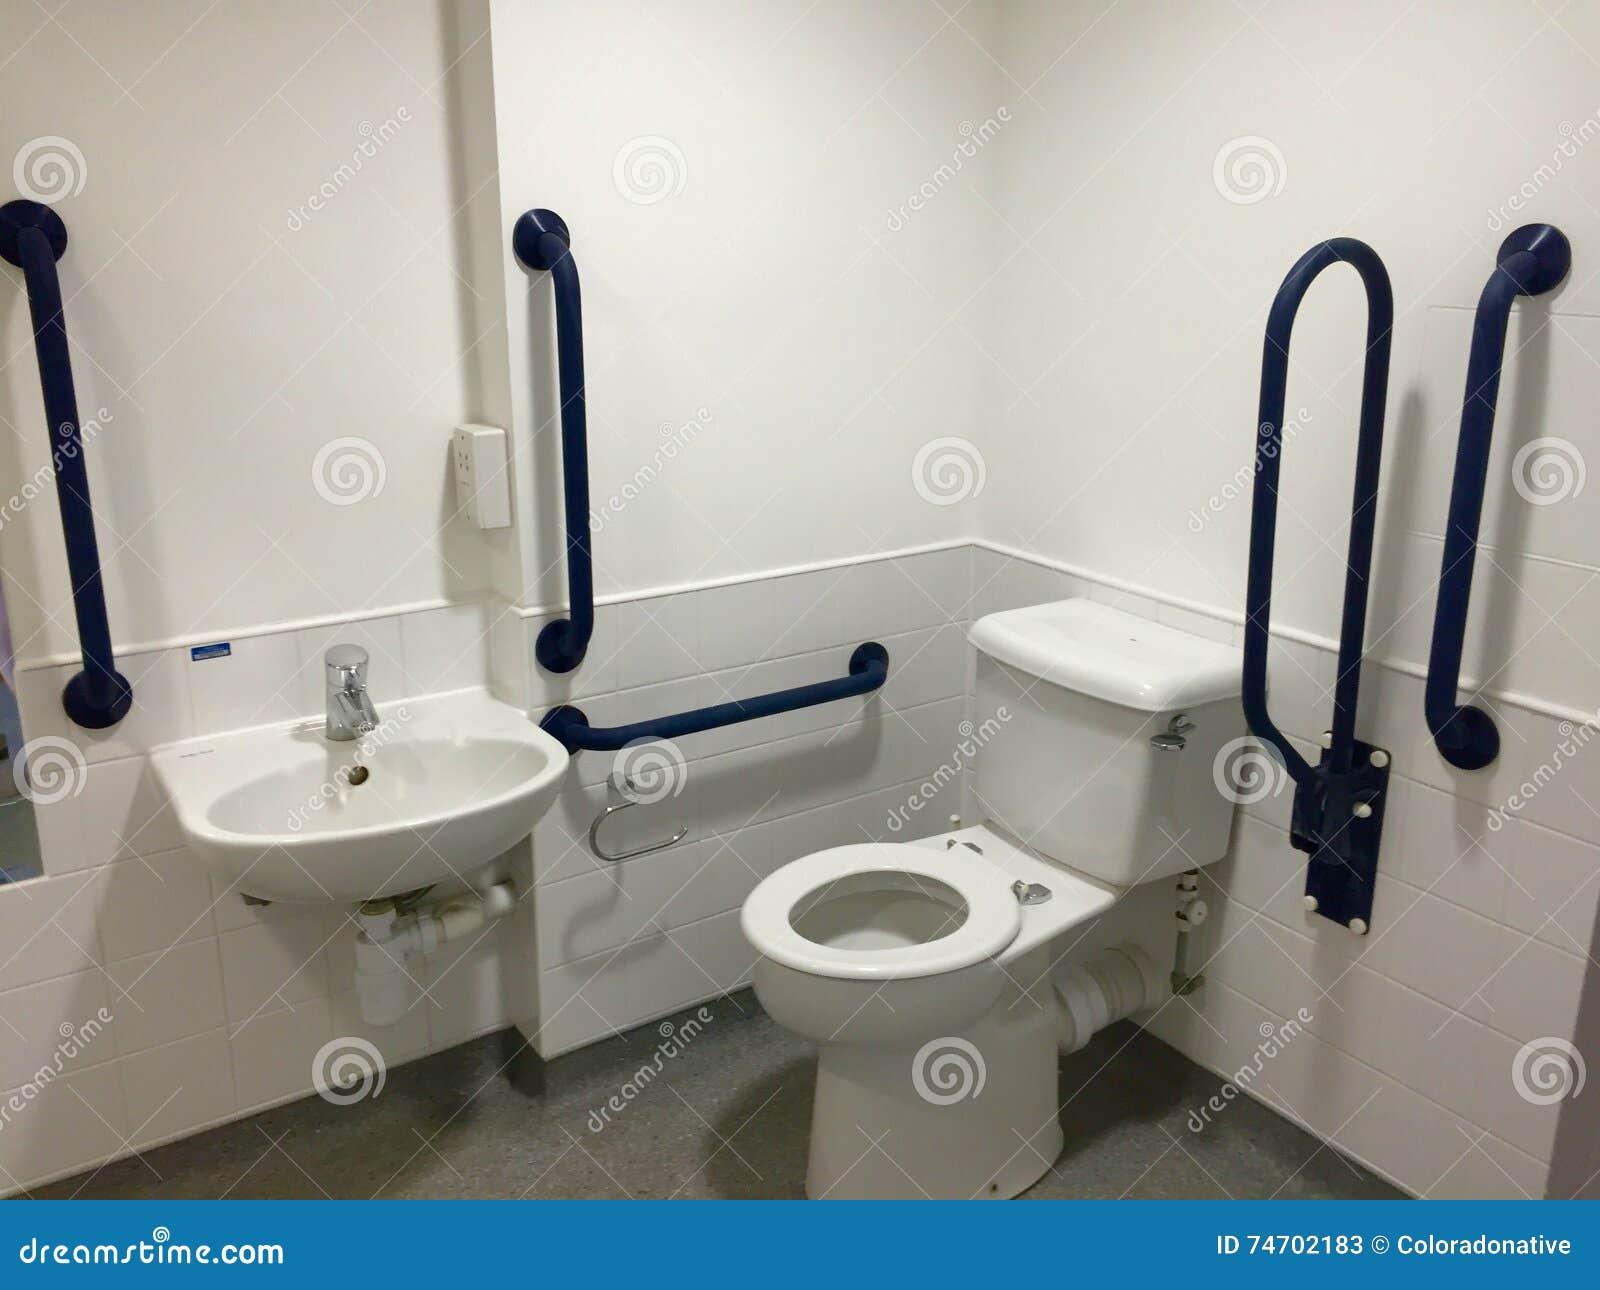 Salle De Bain Accessible ~ salle de bains accessible d handicap image stock image du handicap